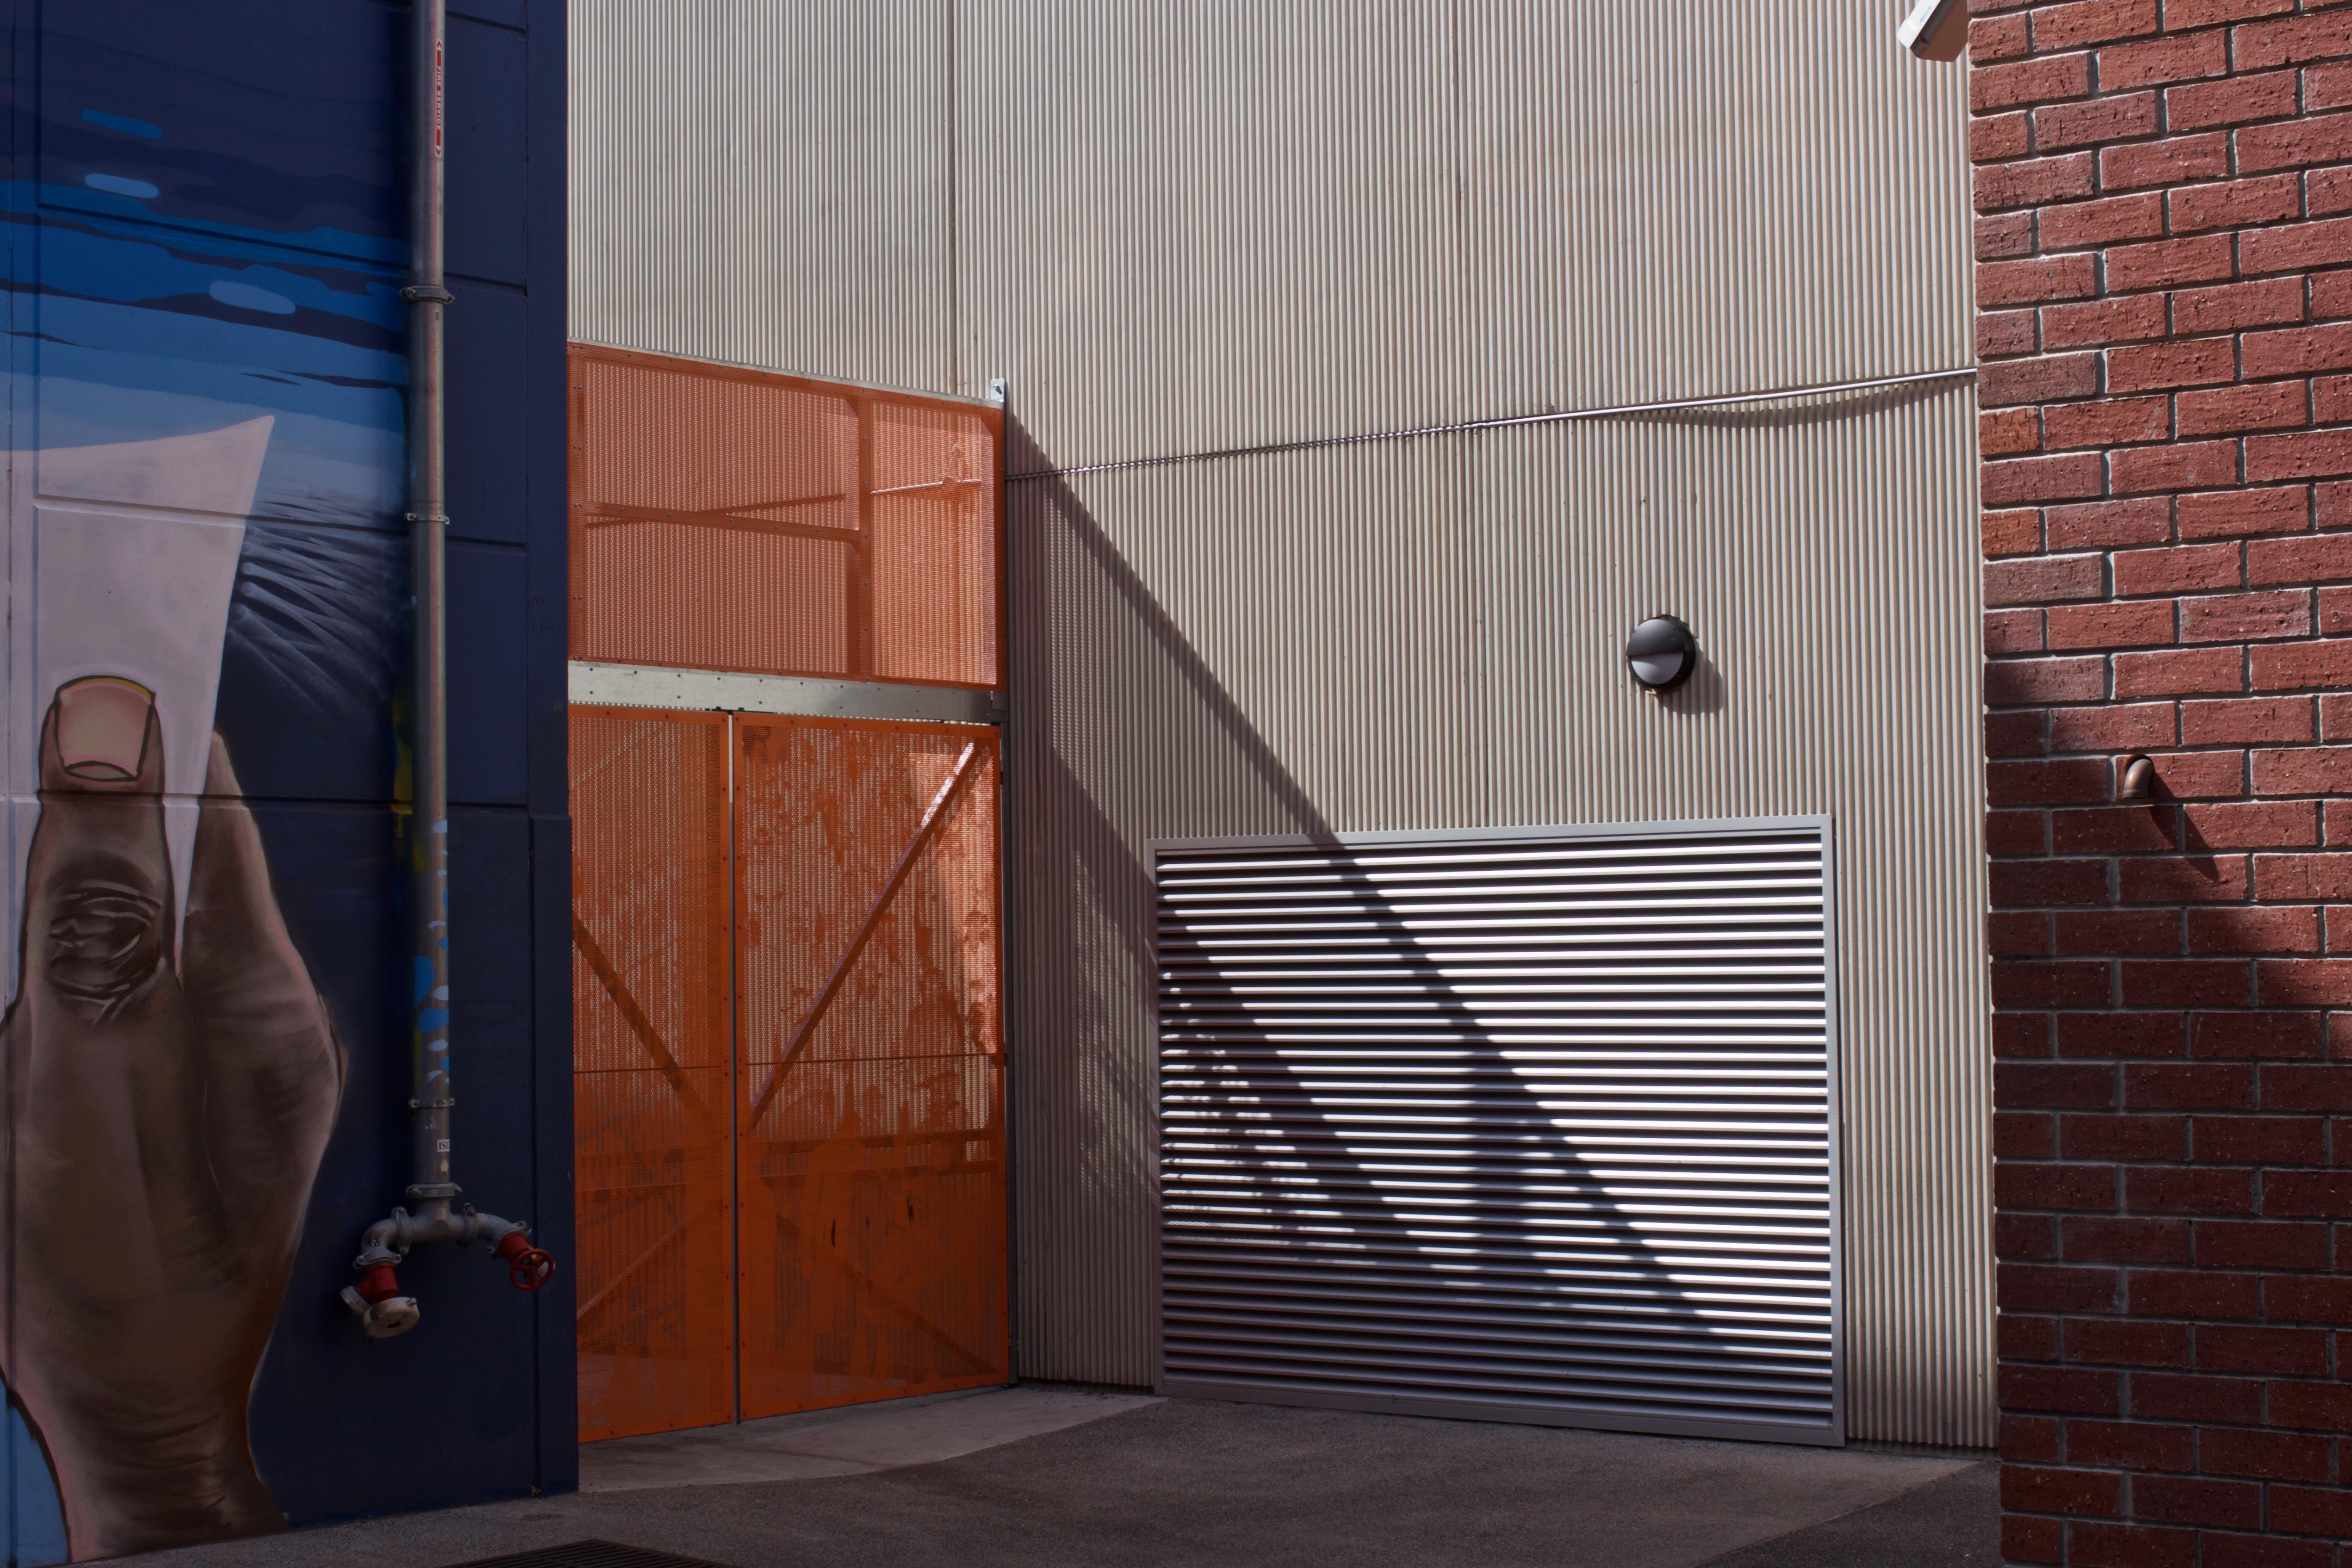 white roller shutter beside orange metal gate